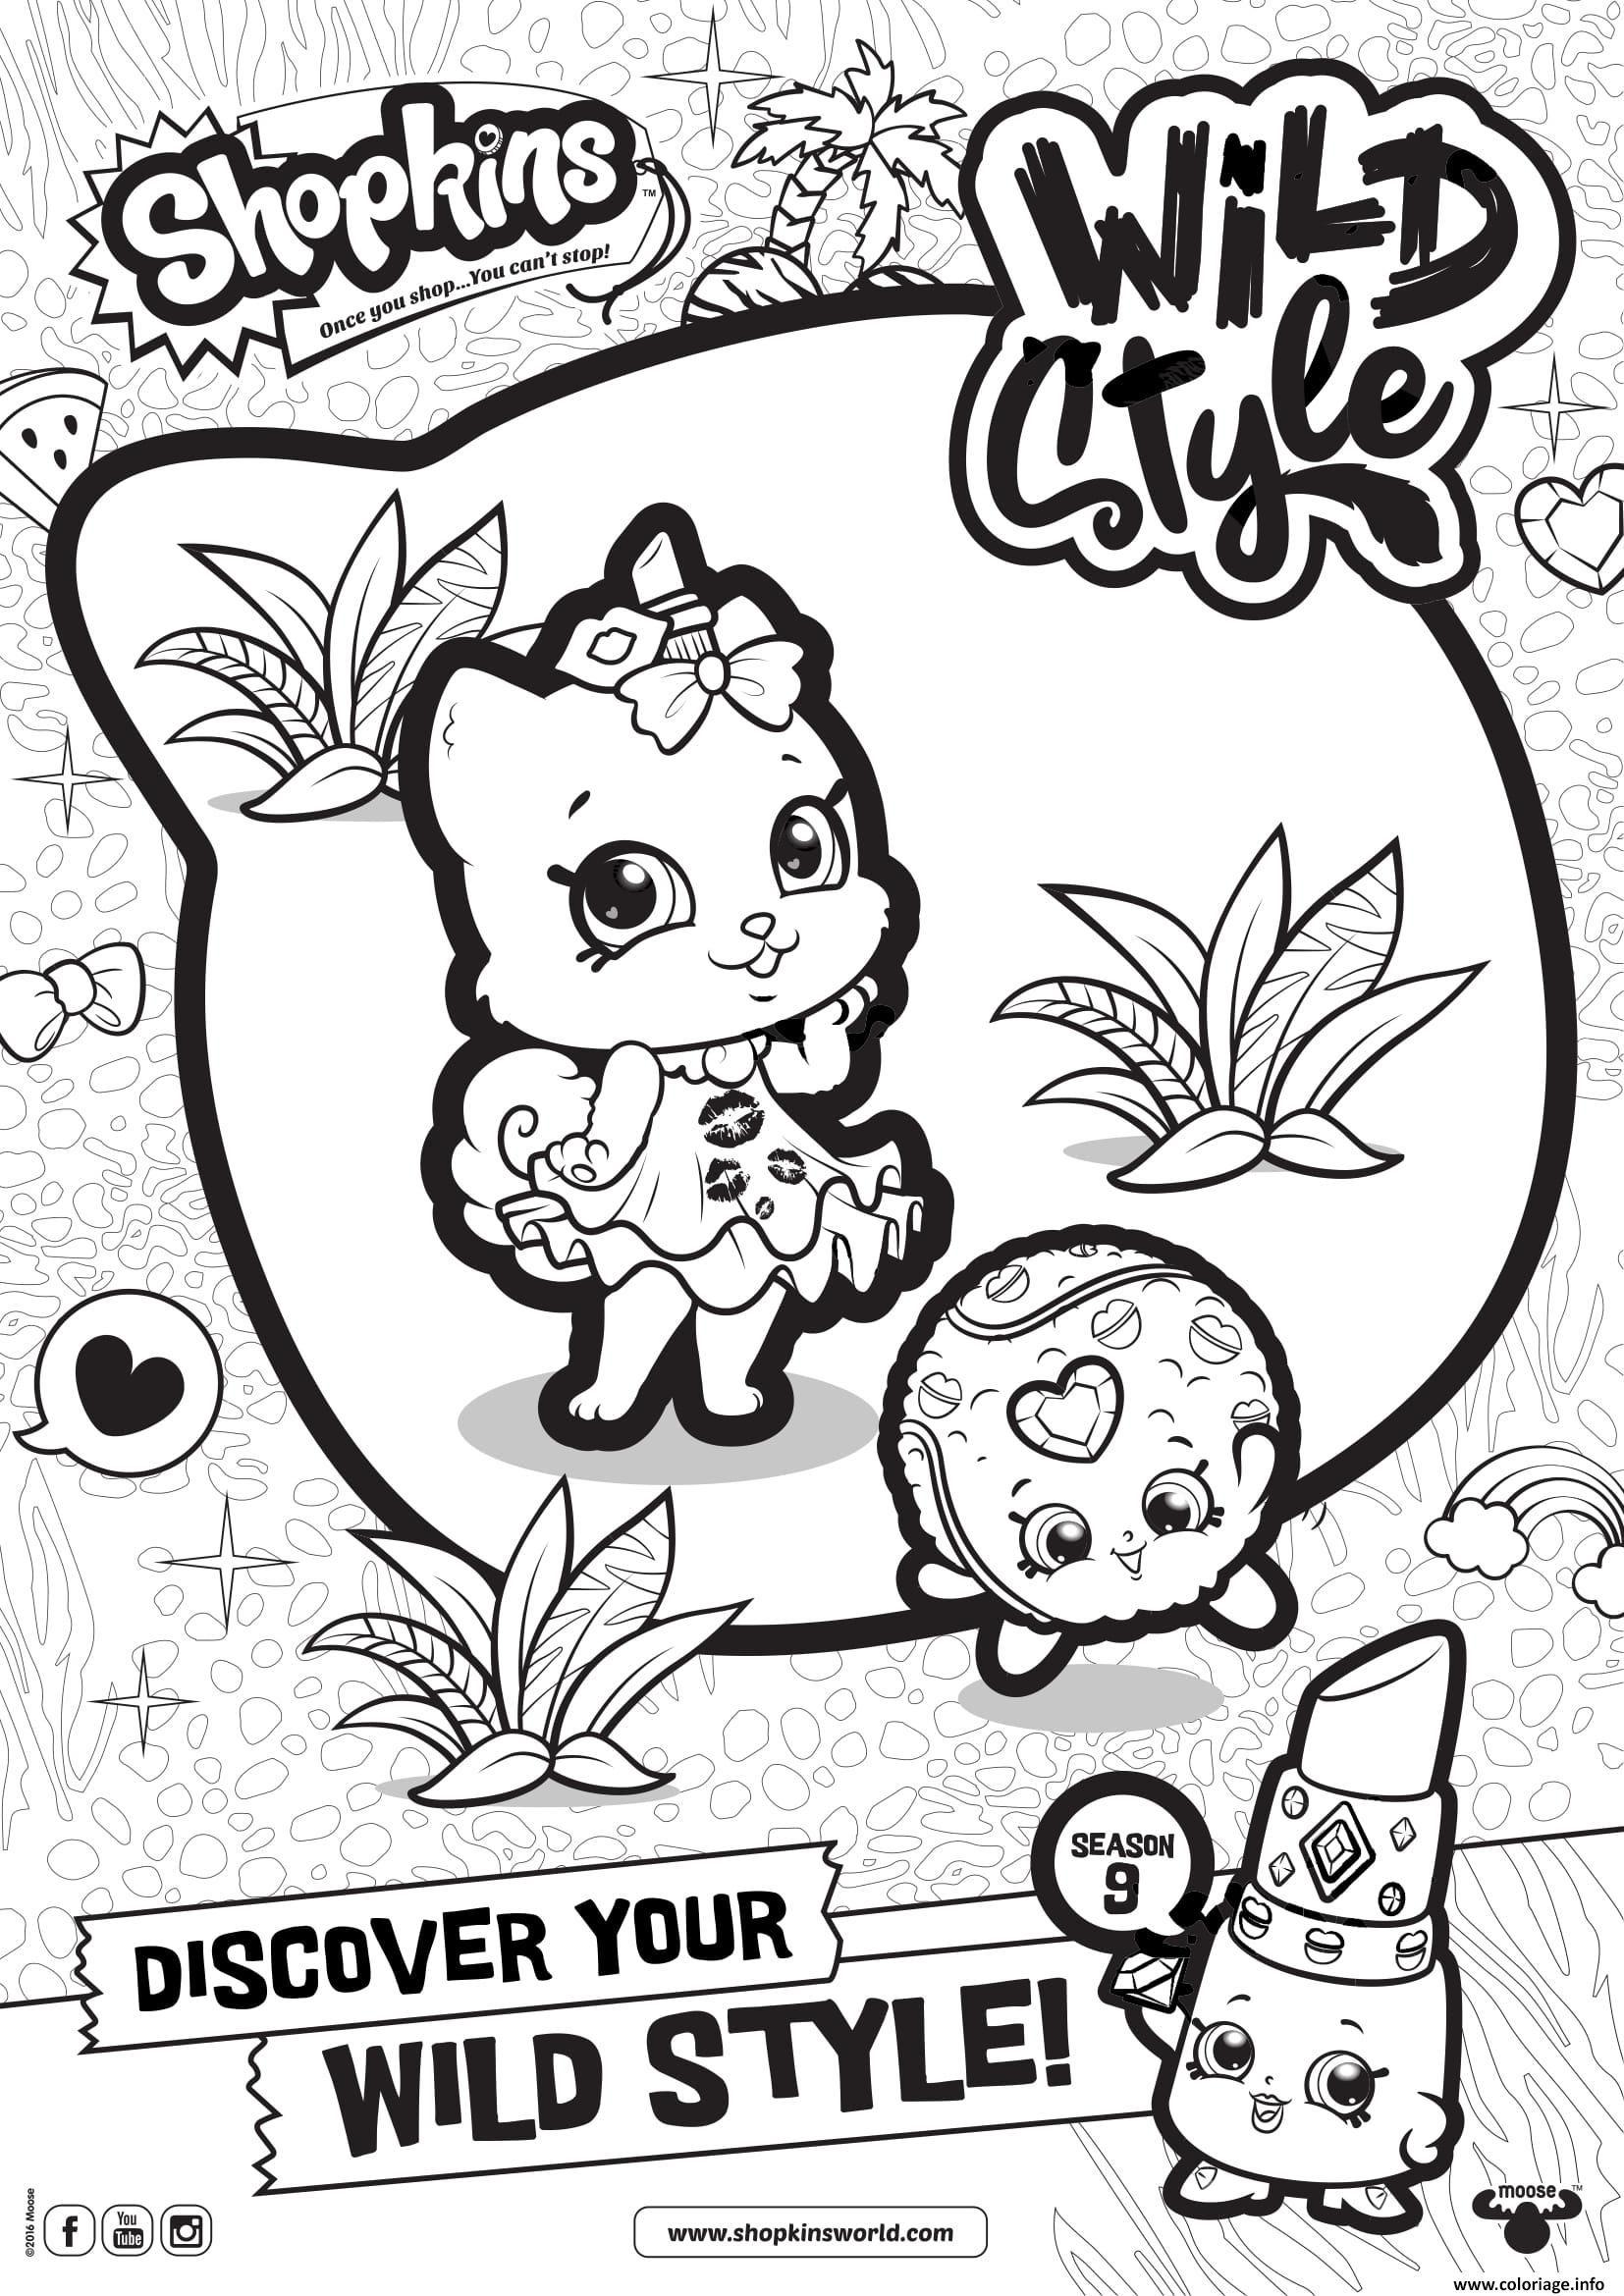 Coloriage shopkins saison 9 wild style 3 dessin à imprimer